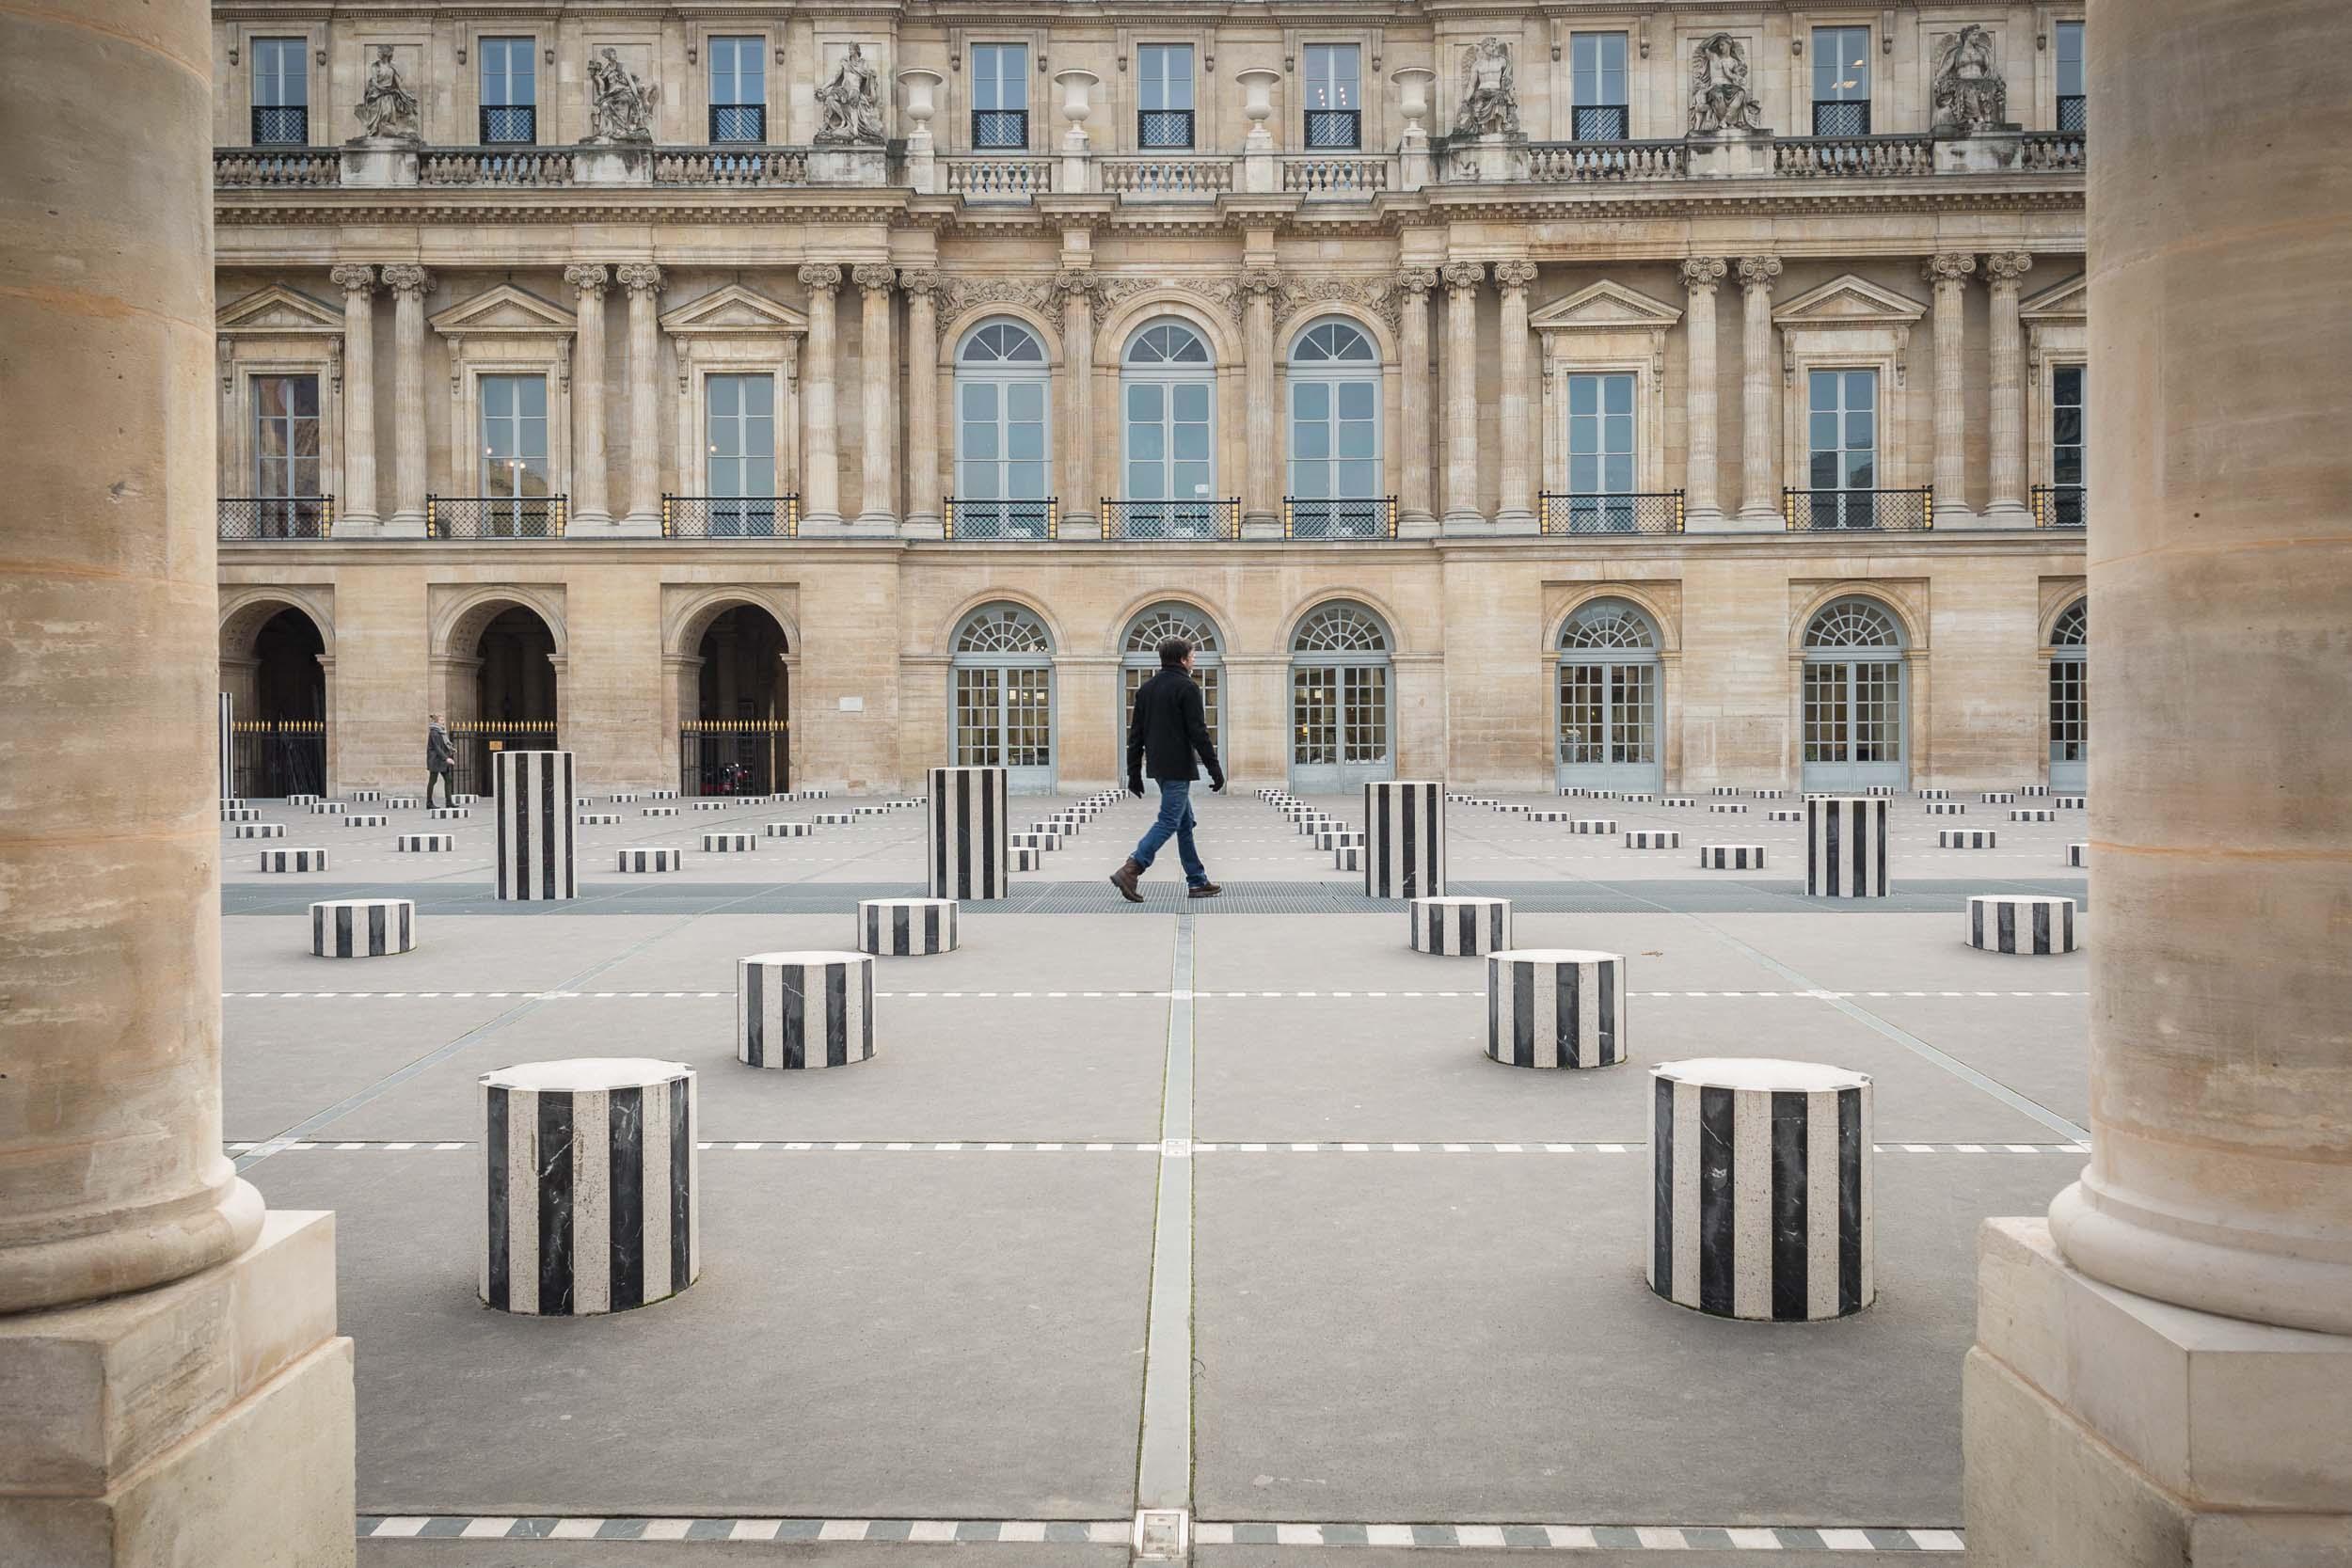 Paris-Palais-Royal-man-walking-in-middle.jpg